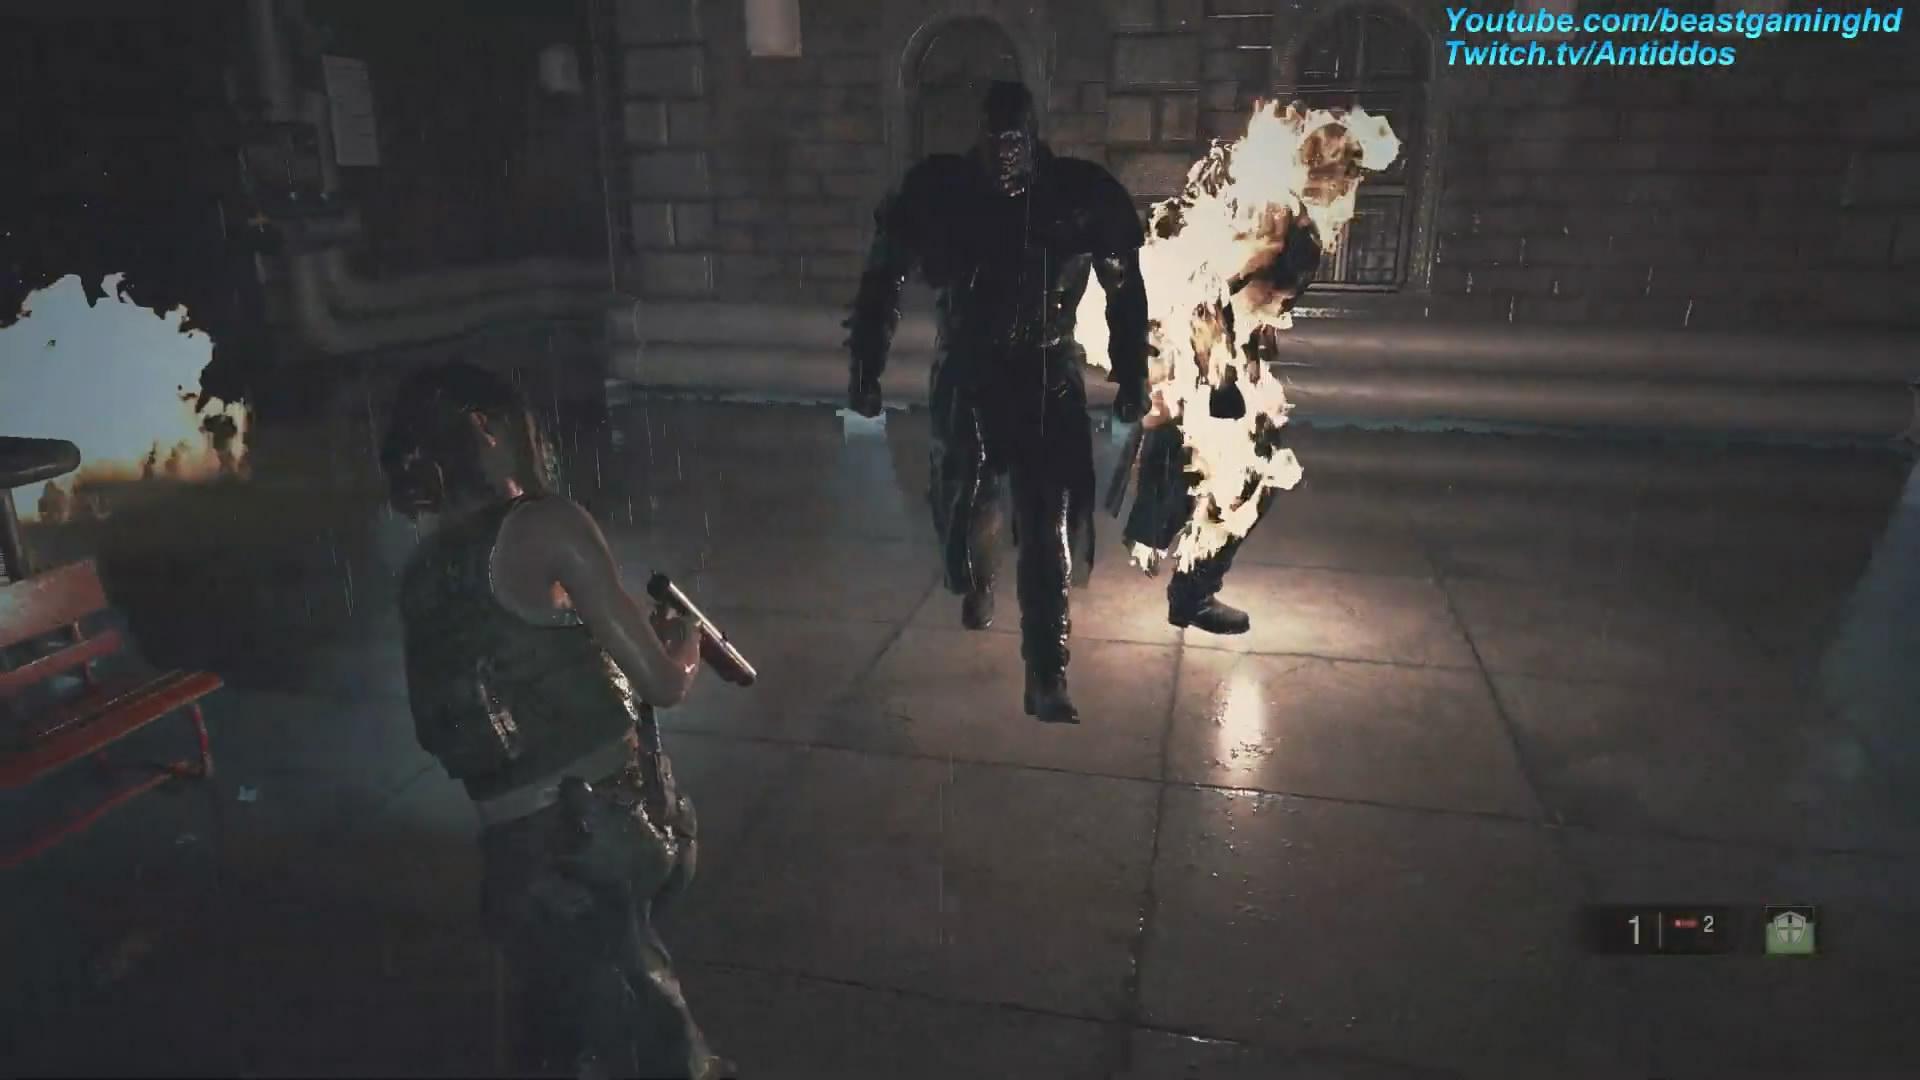 这谁顶的住?玩家在《生化2重制版》遇到两位暴君